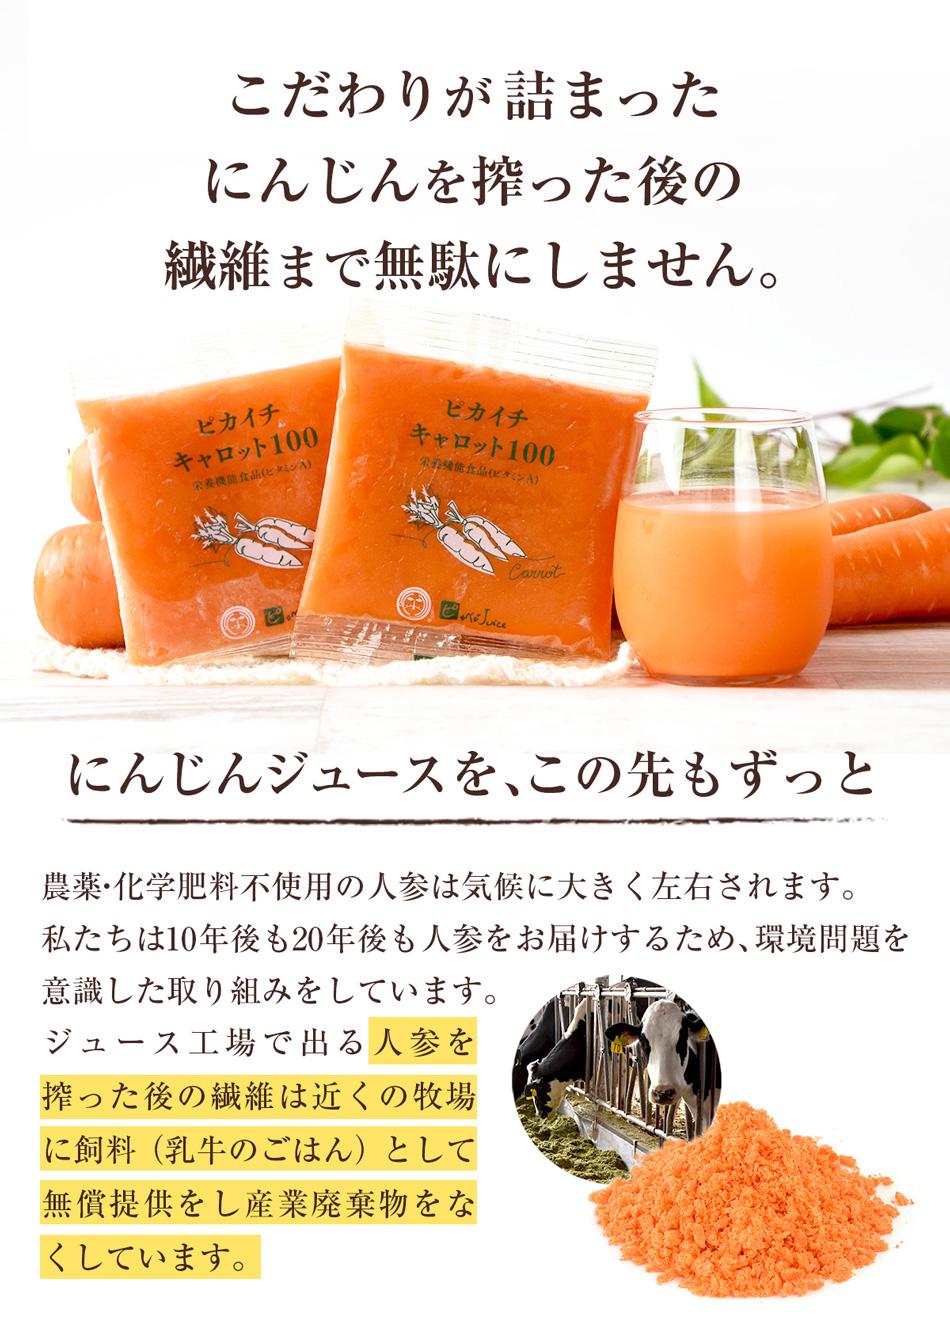 【お試しセット】 とくべつなにんじんジュース 【100cc×7p】【送料無料】【冷凍ジュース】